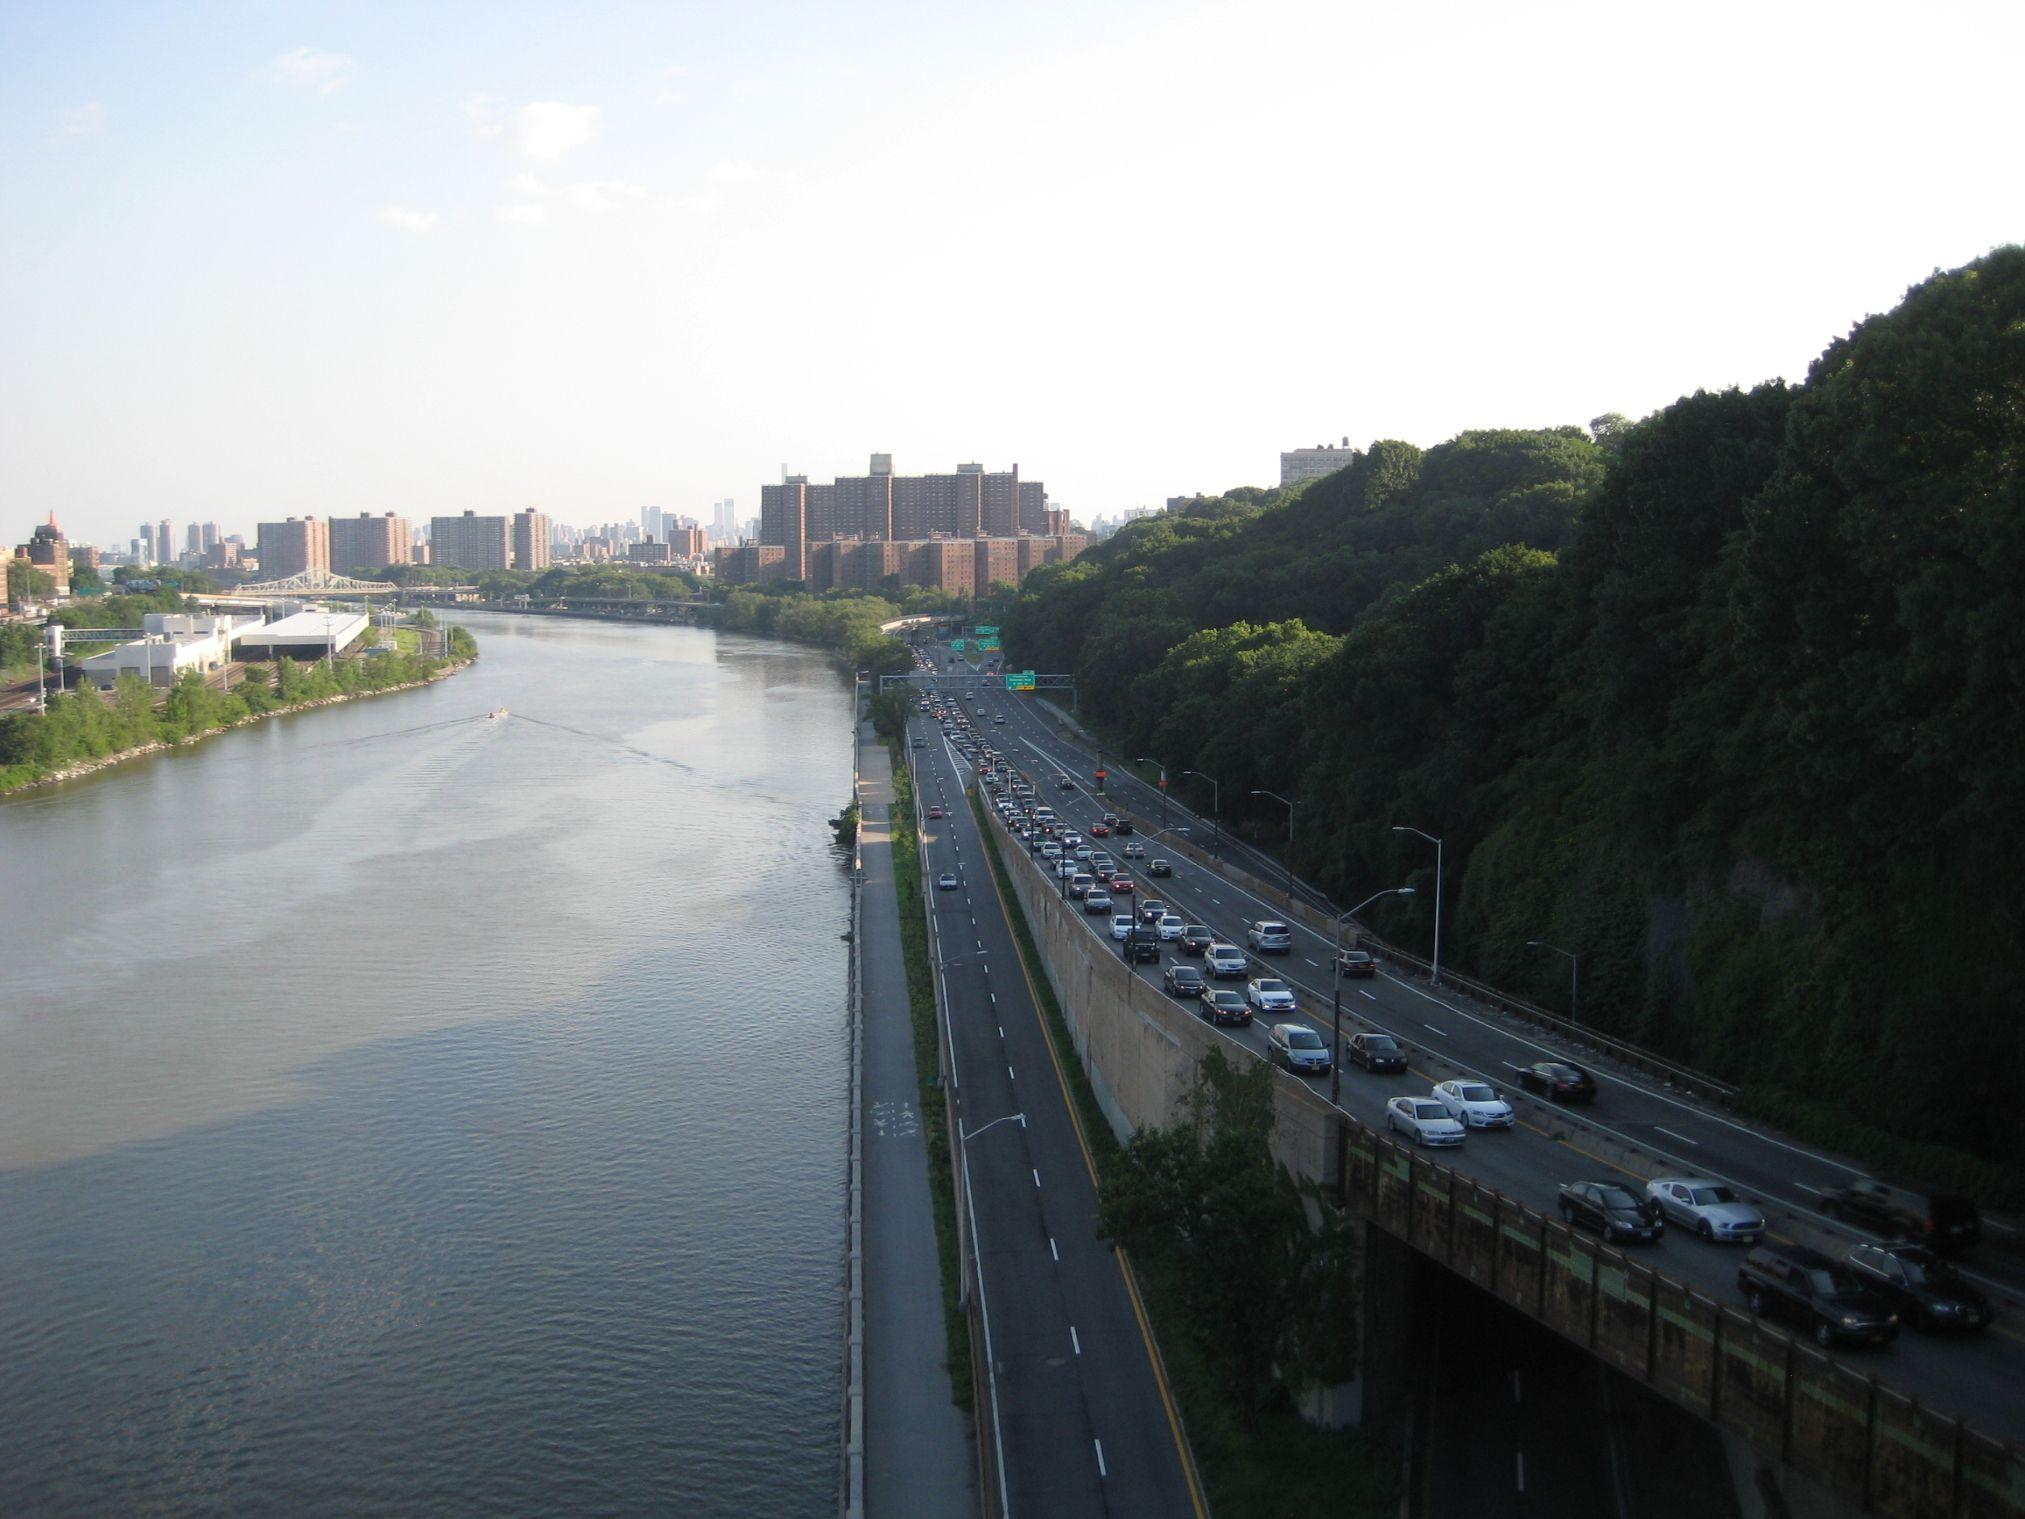 Harlem River and High Bridge Park